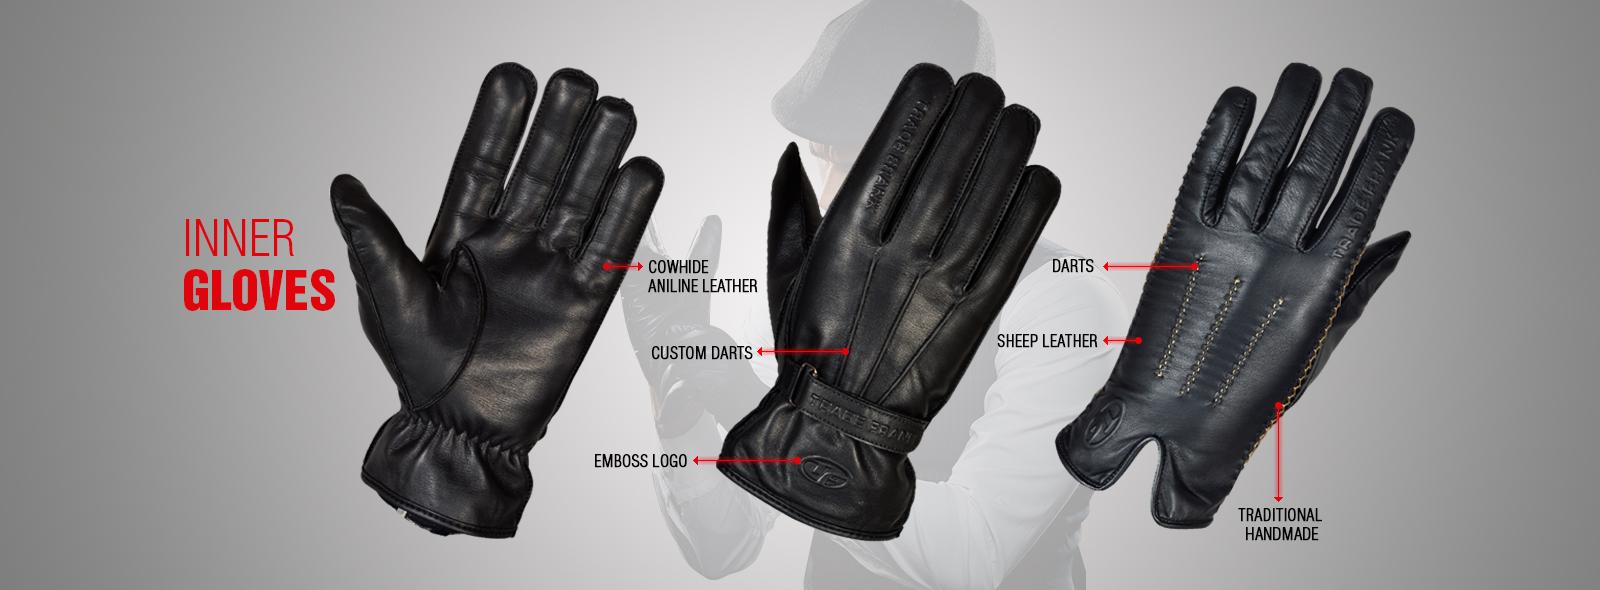 Inner Gloves-4